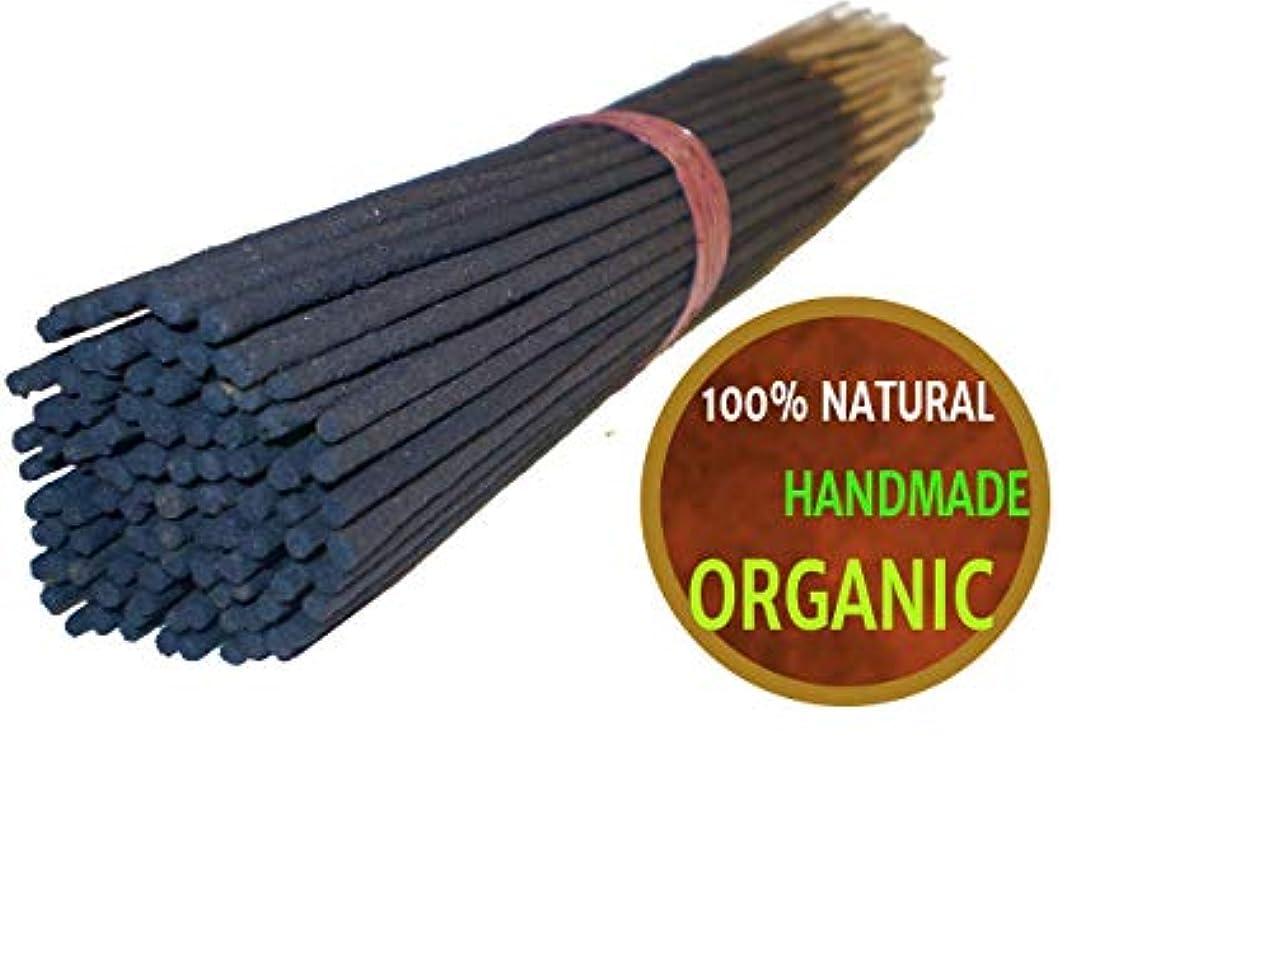 静脈署名オークションYajna Frankincense And Myrrh 100% Natural Incense Sticks Handmade Hand Dipped The Best Woods Scent 100 Pack